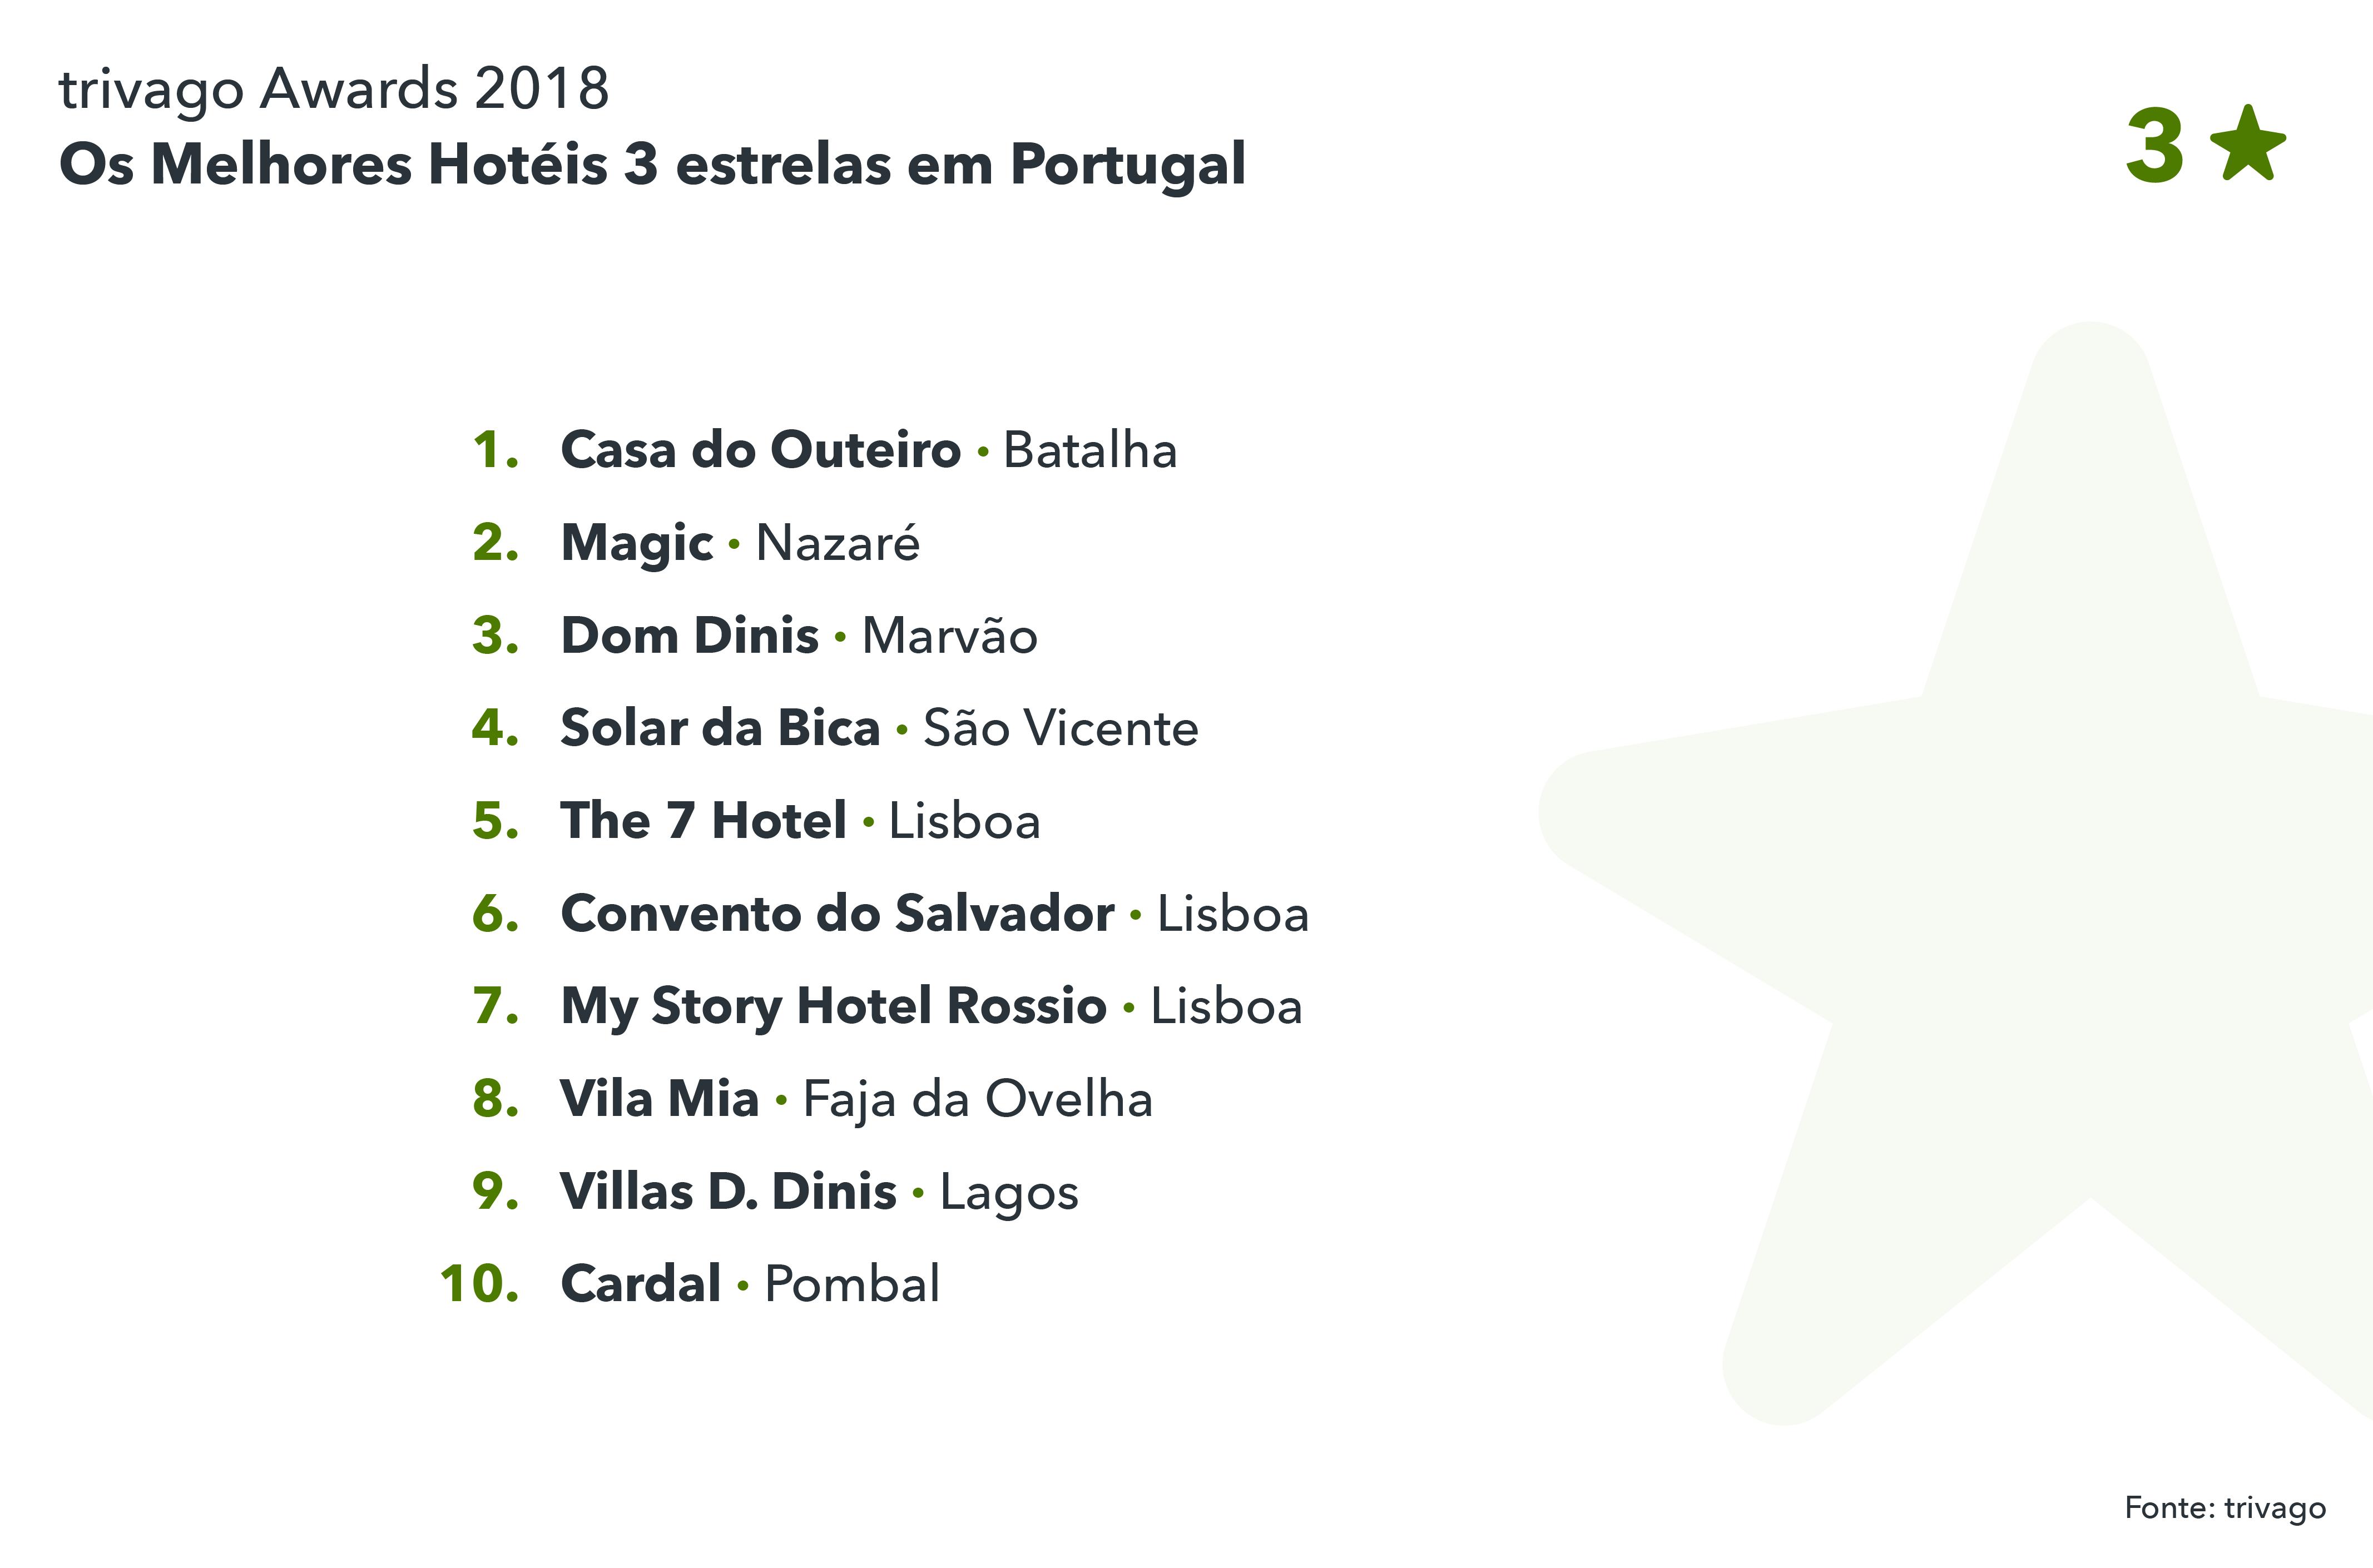 Os melhores hotéis 3 estrelas em Portugal